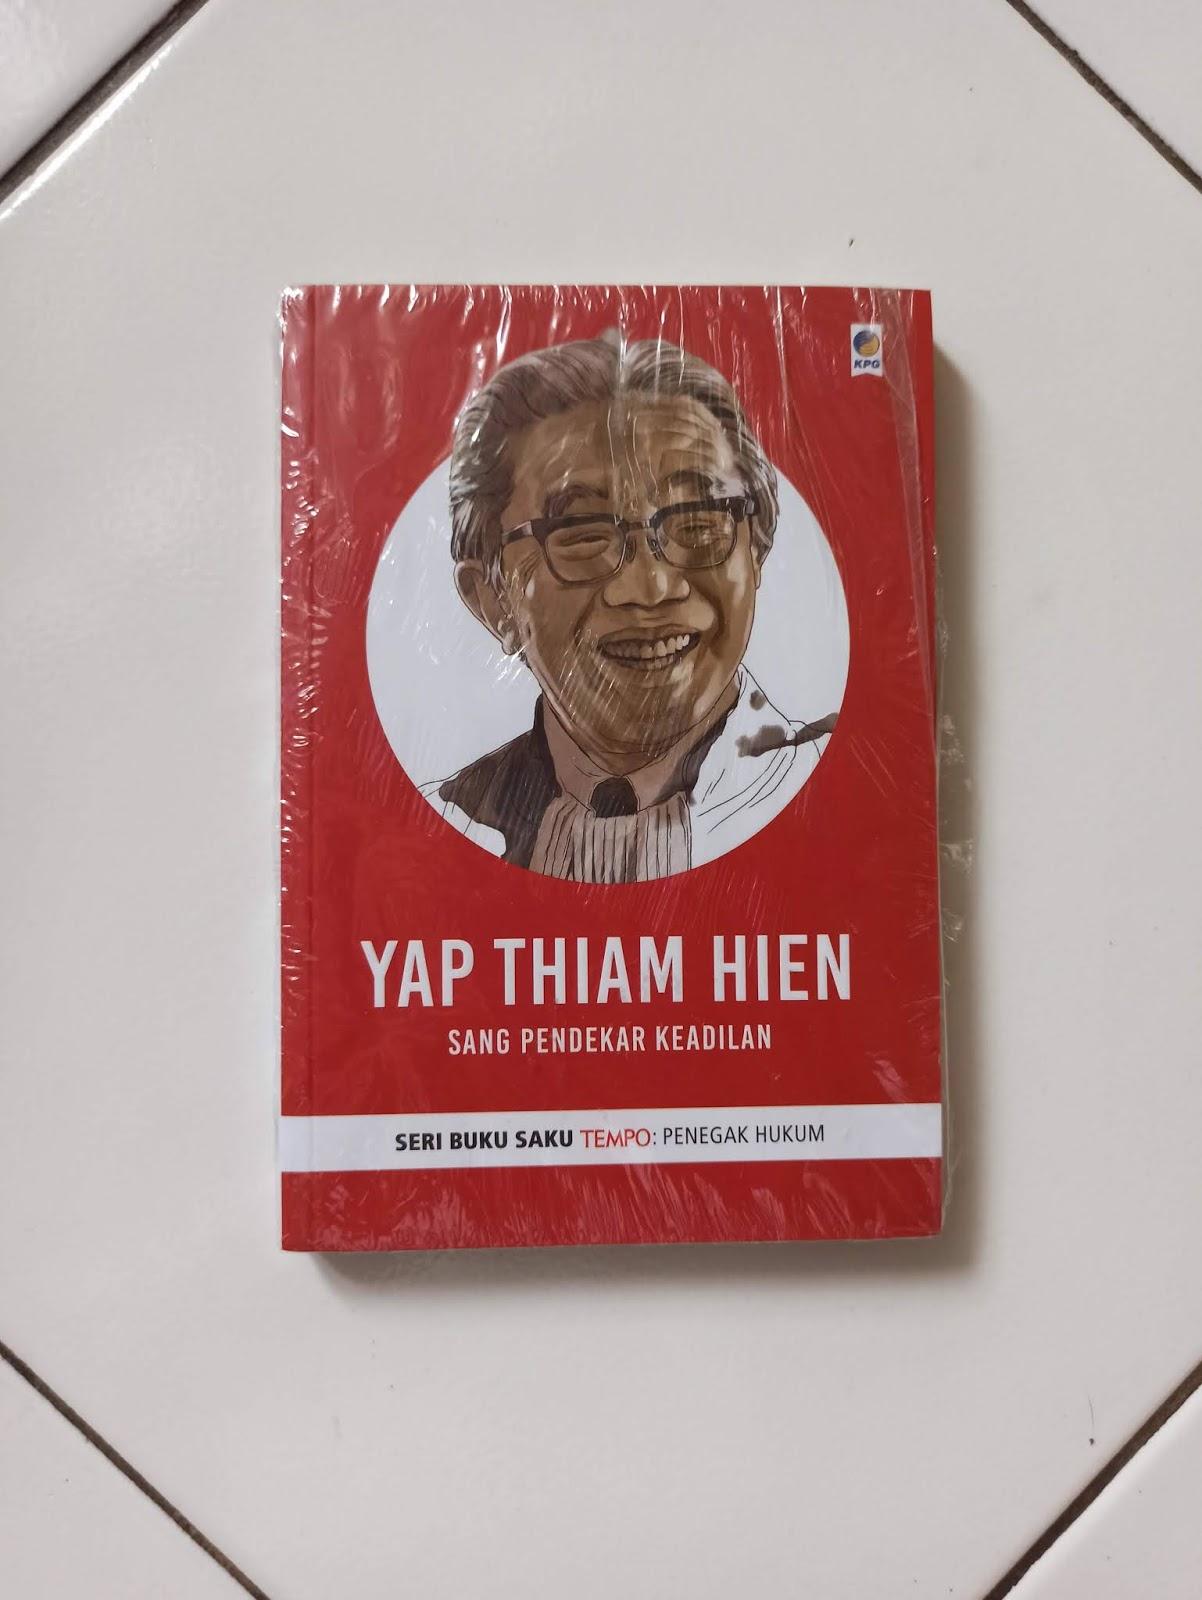 Buku Yap Thiam Hien Sang Pendekar Keadilan